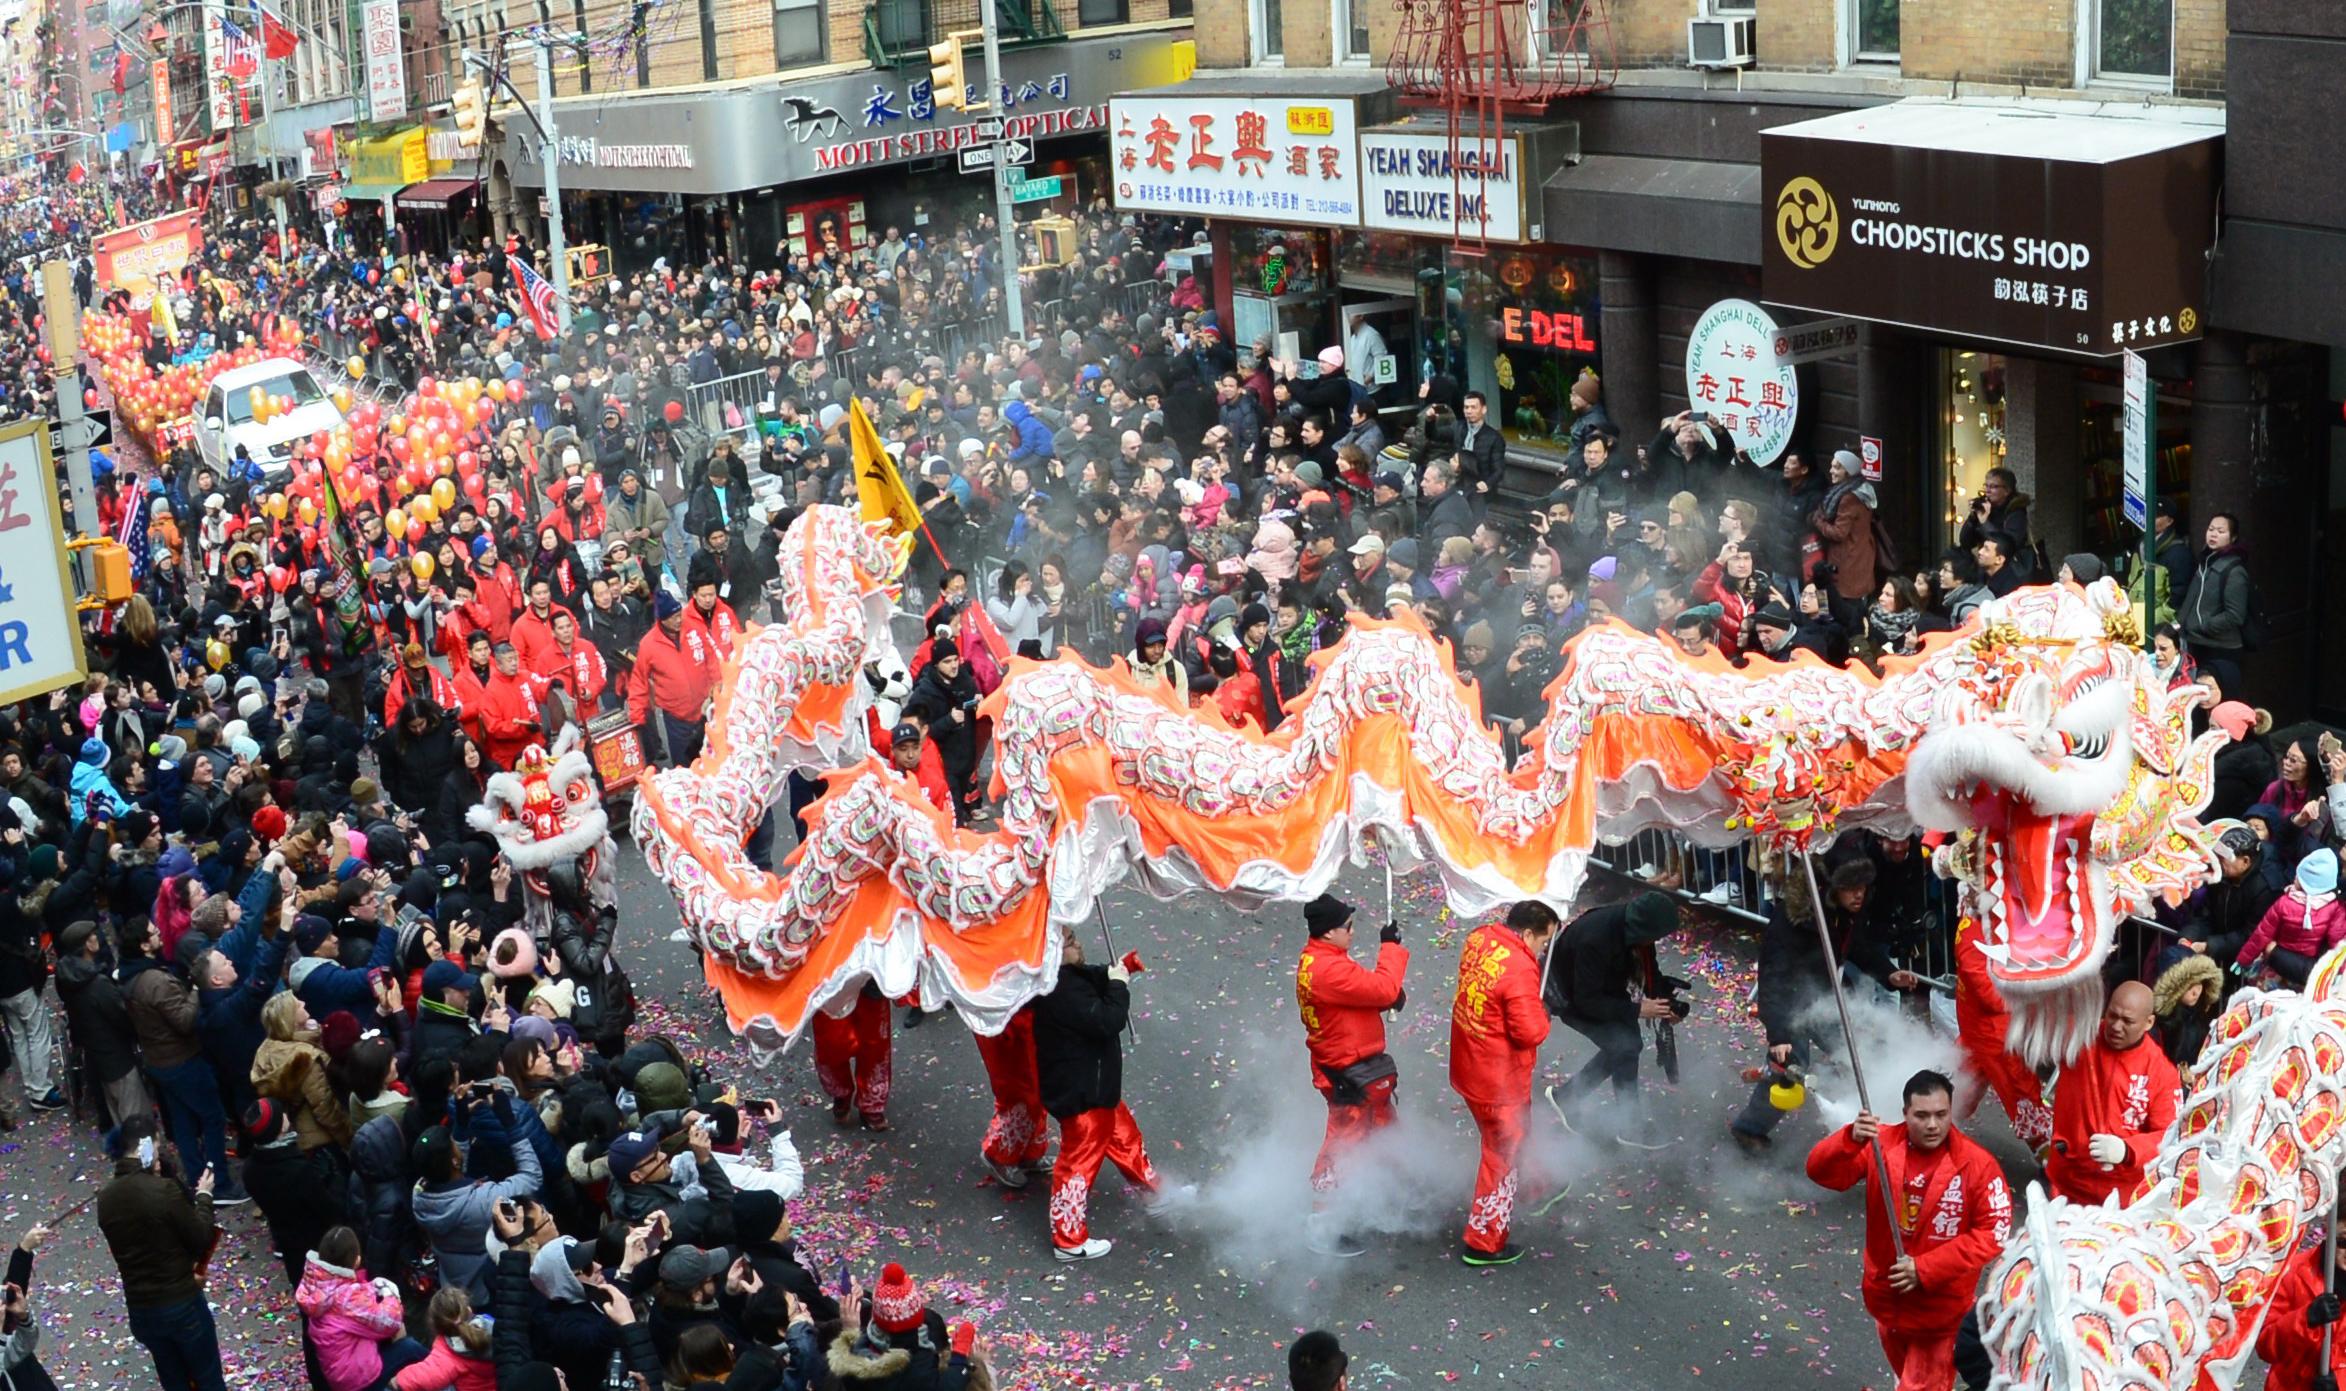 2017年華埠新春遊行世界日報隊伍中的舞龍氣勢恢宏